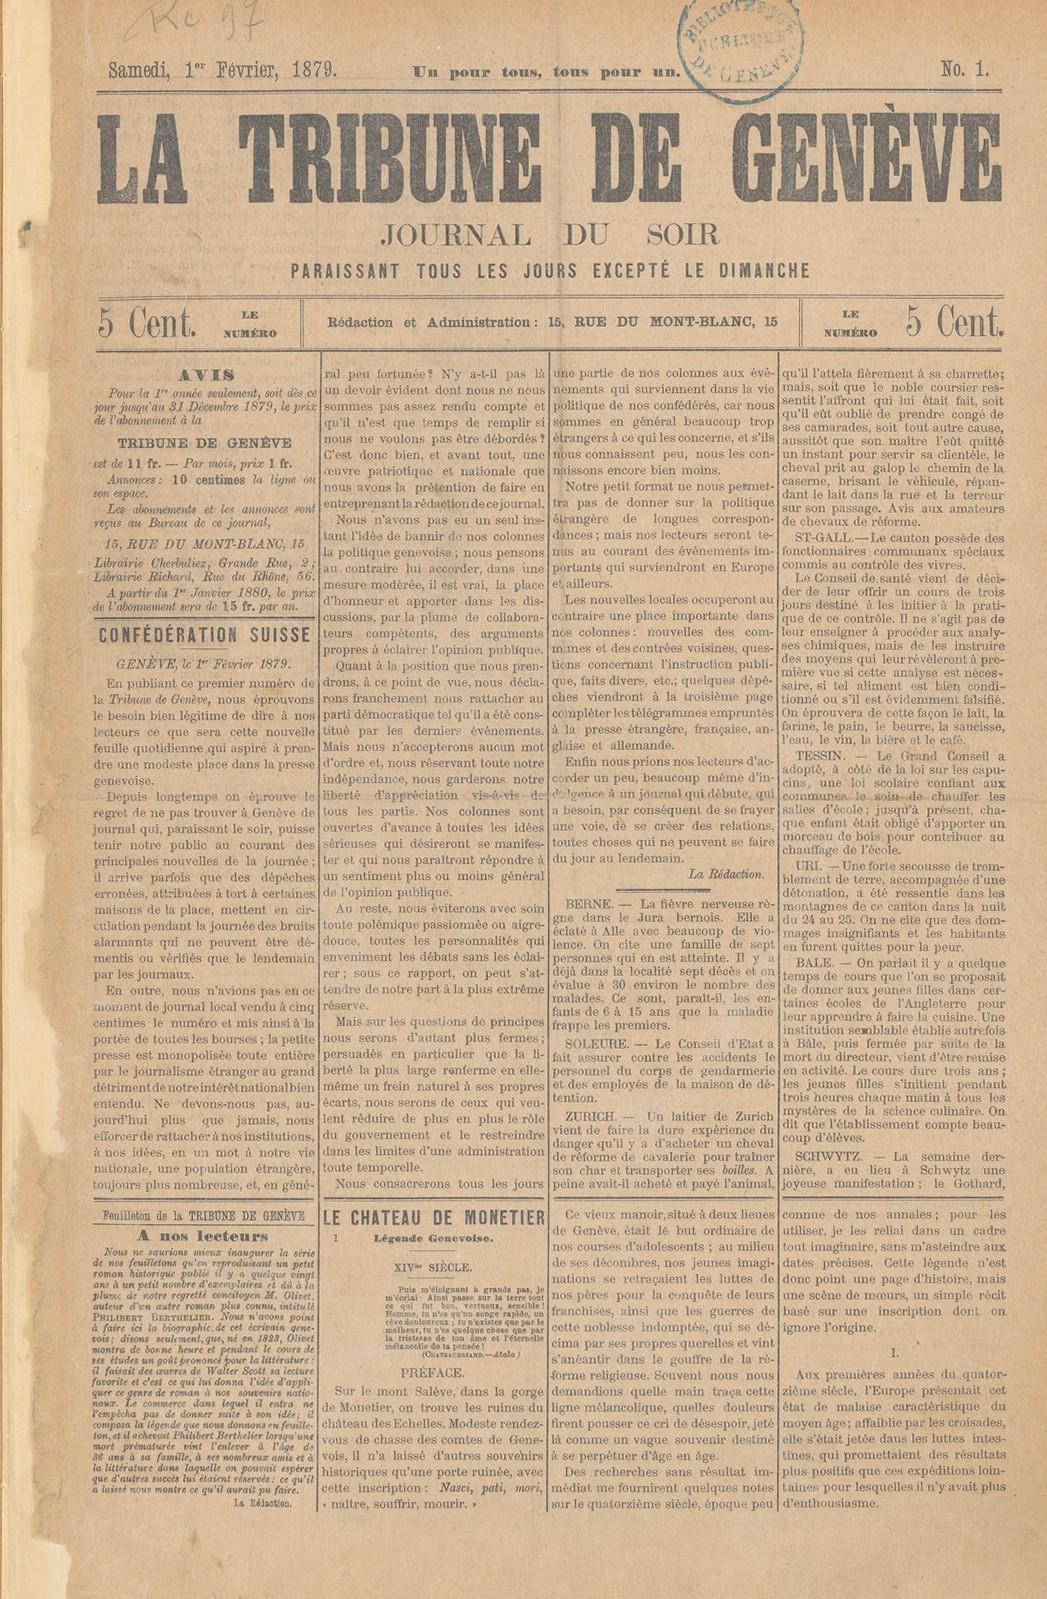 Tribune de Genève, 01.02.1879